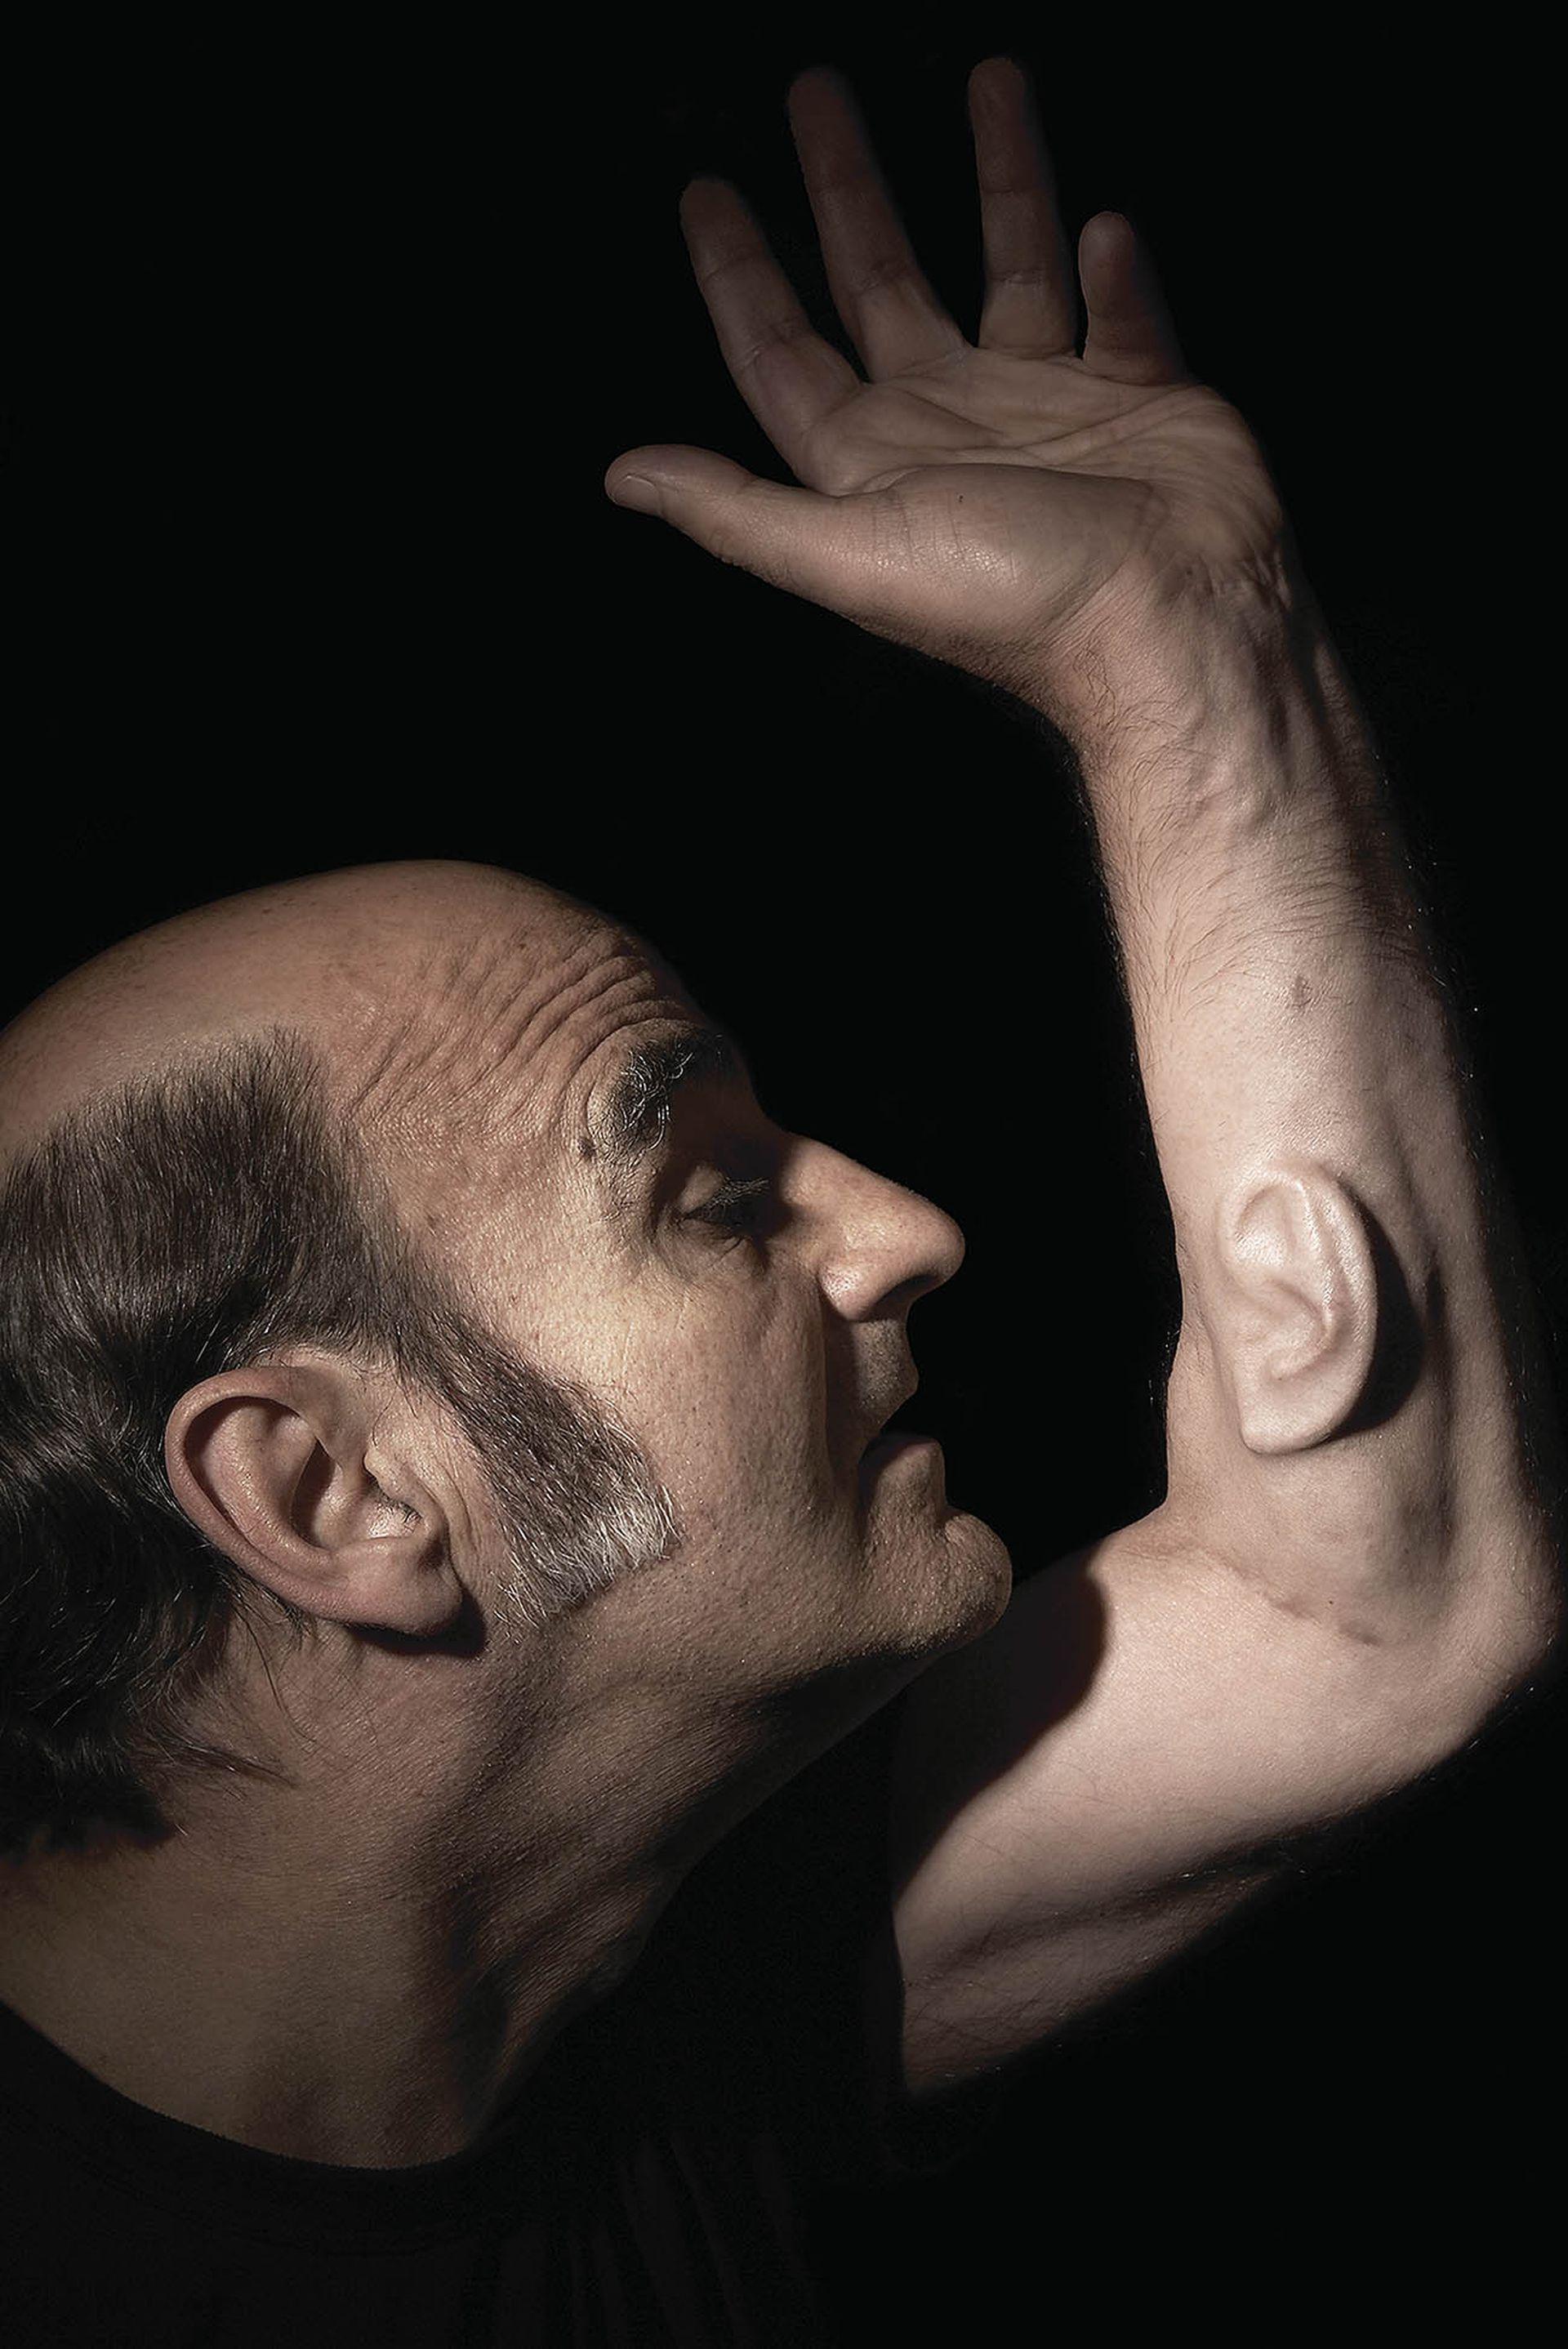 """""""Ear on Arm"""", de Stelarc: este artista australiano se implantó quirúrgicamente una oreja cultivada con células en su antebrazo izquierdo. En apenas seis meses, experimentó cómo su cuerpo mutó: su piel creció sobre la nueva oreja hasta cubrirla."""